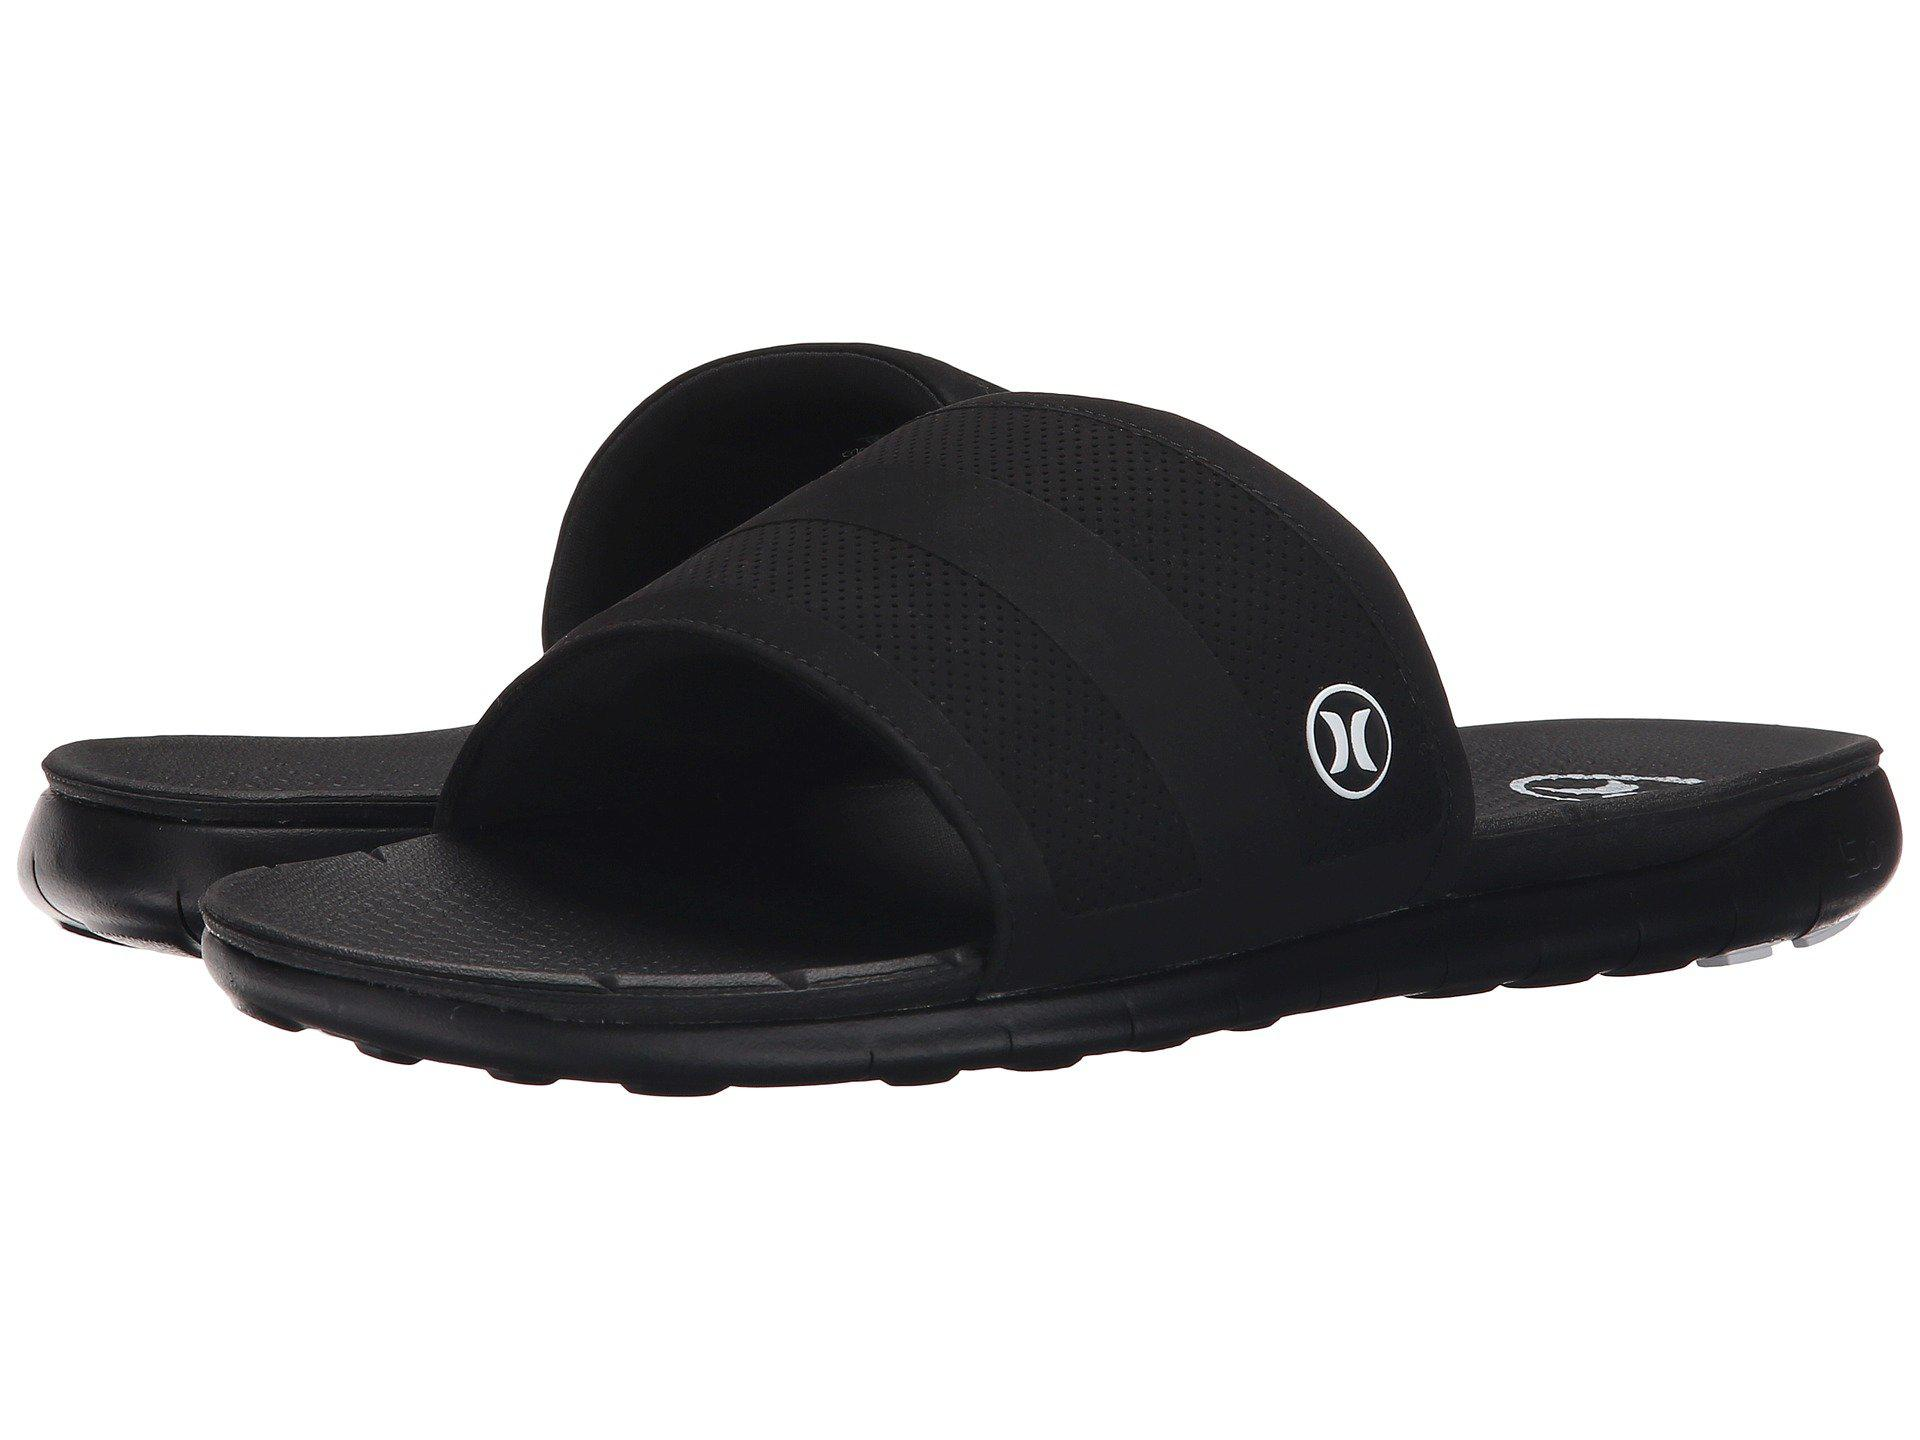 d0b8adff6594 Lyst - Hurley Phantom Free Slide in Black for Men